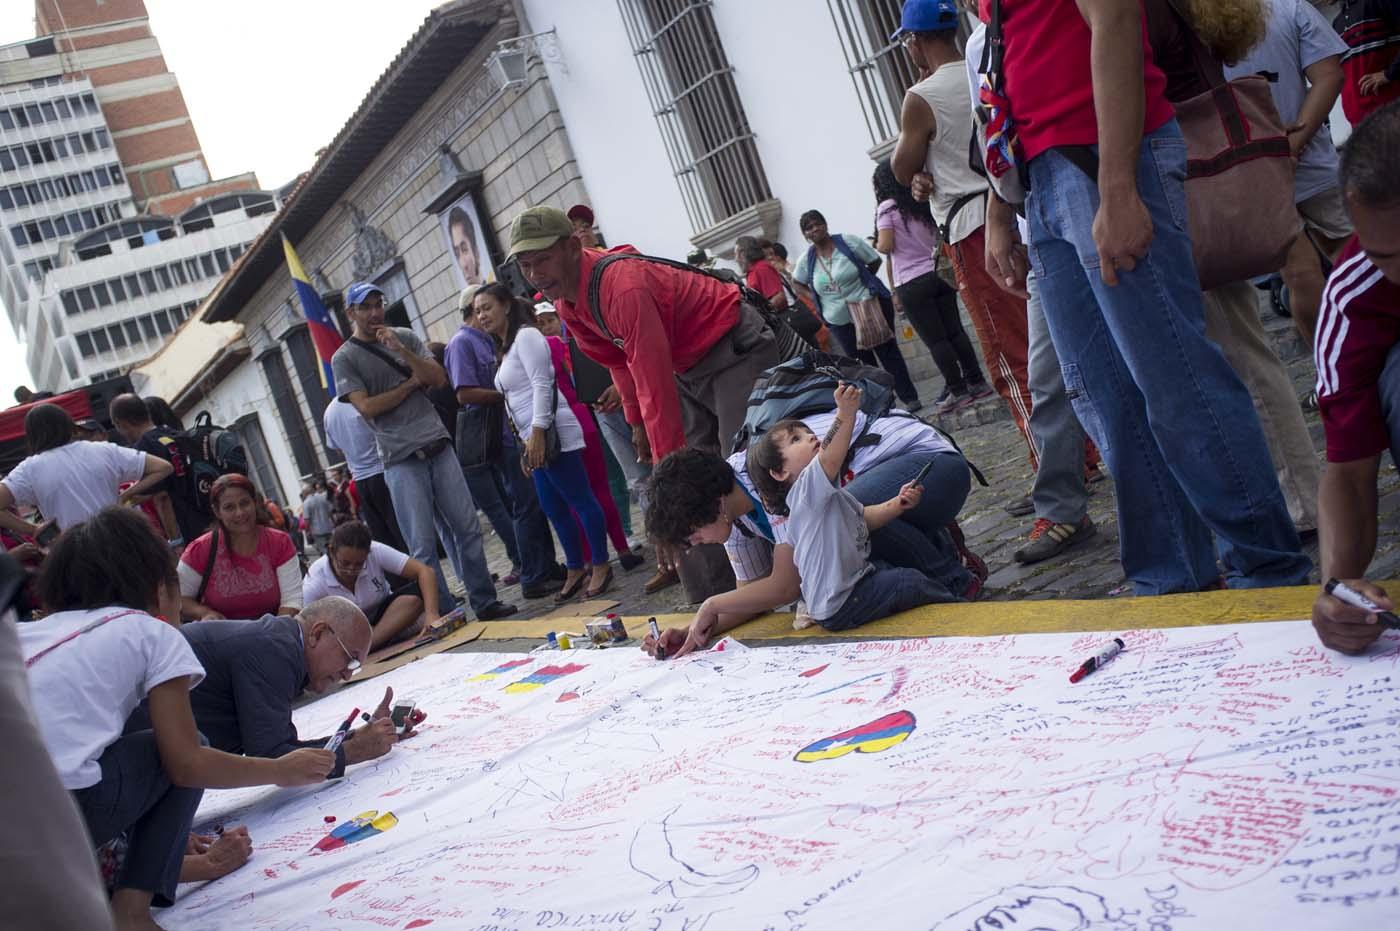 """CAR01. CARACAS (VENEZUELA), 09/01/2016.- Miembros de la juventud del PSUV y del Partido Comunista (PCV) se reúnen en la casa-museo del prócer independentista Simon Bolívar, ubicado a dos cuadras de la sede del Poder Legislativo en la ciudad de Caracas (Venezuela) hoy, sábado 9 de enero de 2016, con la intención de pintar murales y representaciones del Libertador como forma de protesta por las acciones tomadas por el presidente de la Asamblea Nacional, Henry Ramos Allup, de retirar imágenes de Hugo Chávez y de Simón Bolívar de la sede de la institución en días recientes. El Partido Socialista Unido de Venezuela (PSUV) y otras instancias chavistas no aceptaron las disculpas opositoras por el retiro de imágenes del prócer Simón Bolívar y del fallecido presidente Hugo Chávez y se movilizaron este sábado en varias ciudades en contra de lo que consideran """"la ofensa"""". EFE/MANAURE QUINTERO"""